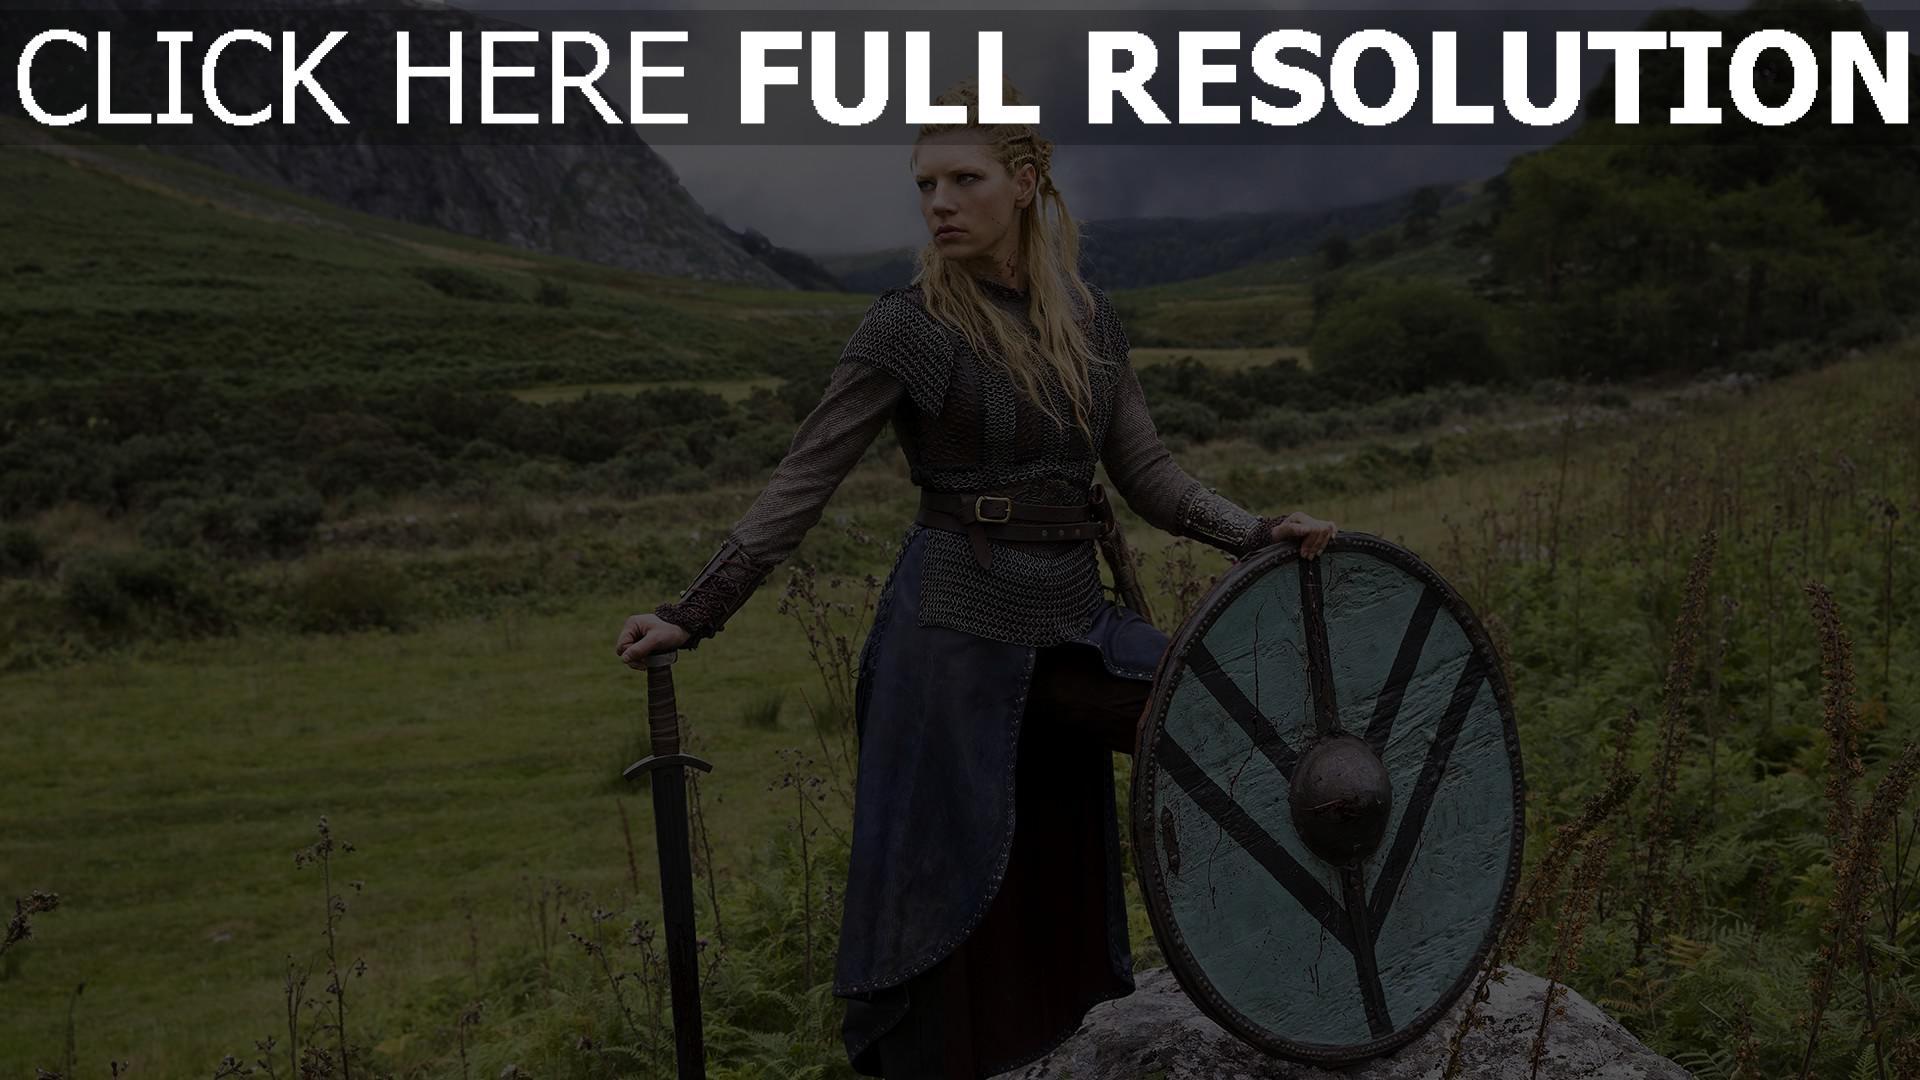 hd hintergrundbilder schwert historisches drama lathgertha schild tv-serie vikings katheryn winnick natur 1920x1080